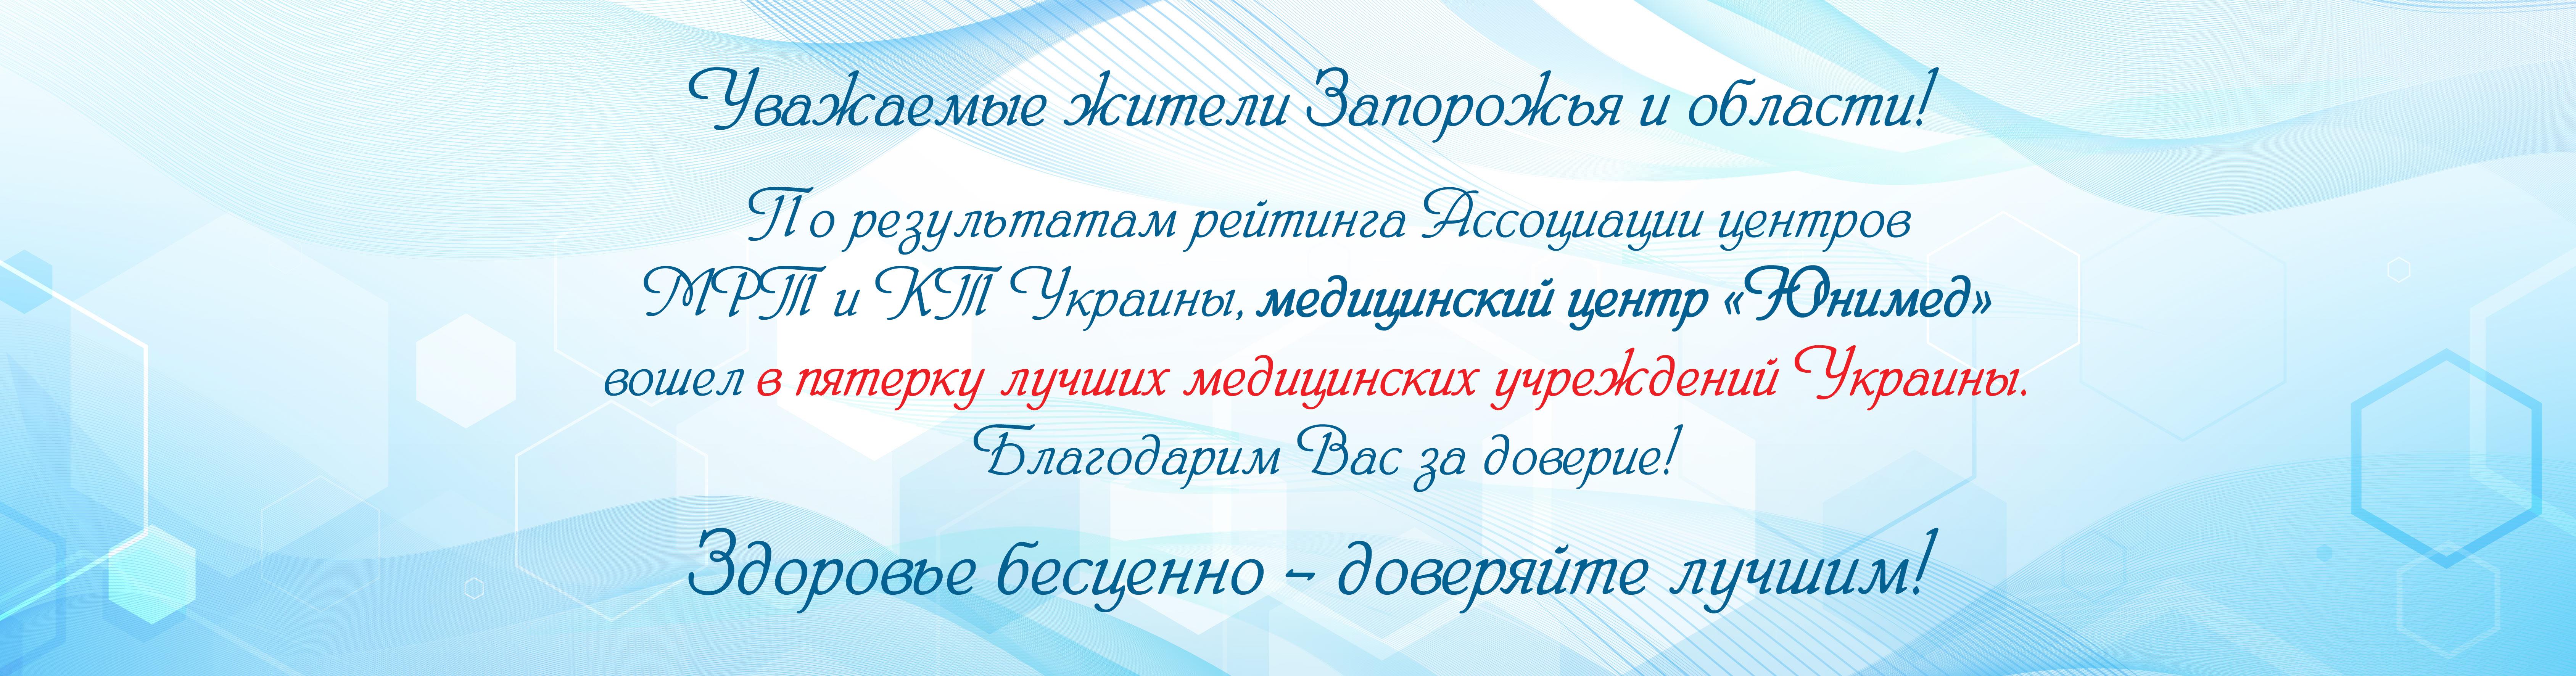 banner_YUnimed-5-ka-luchshih_52